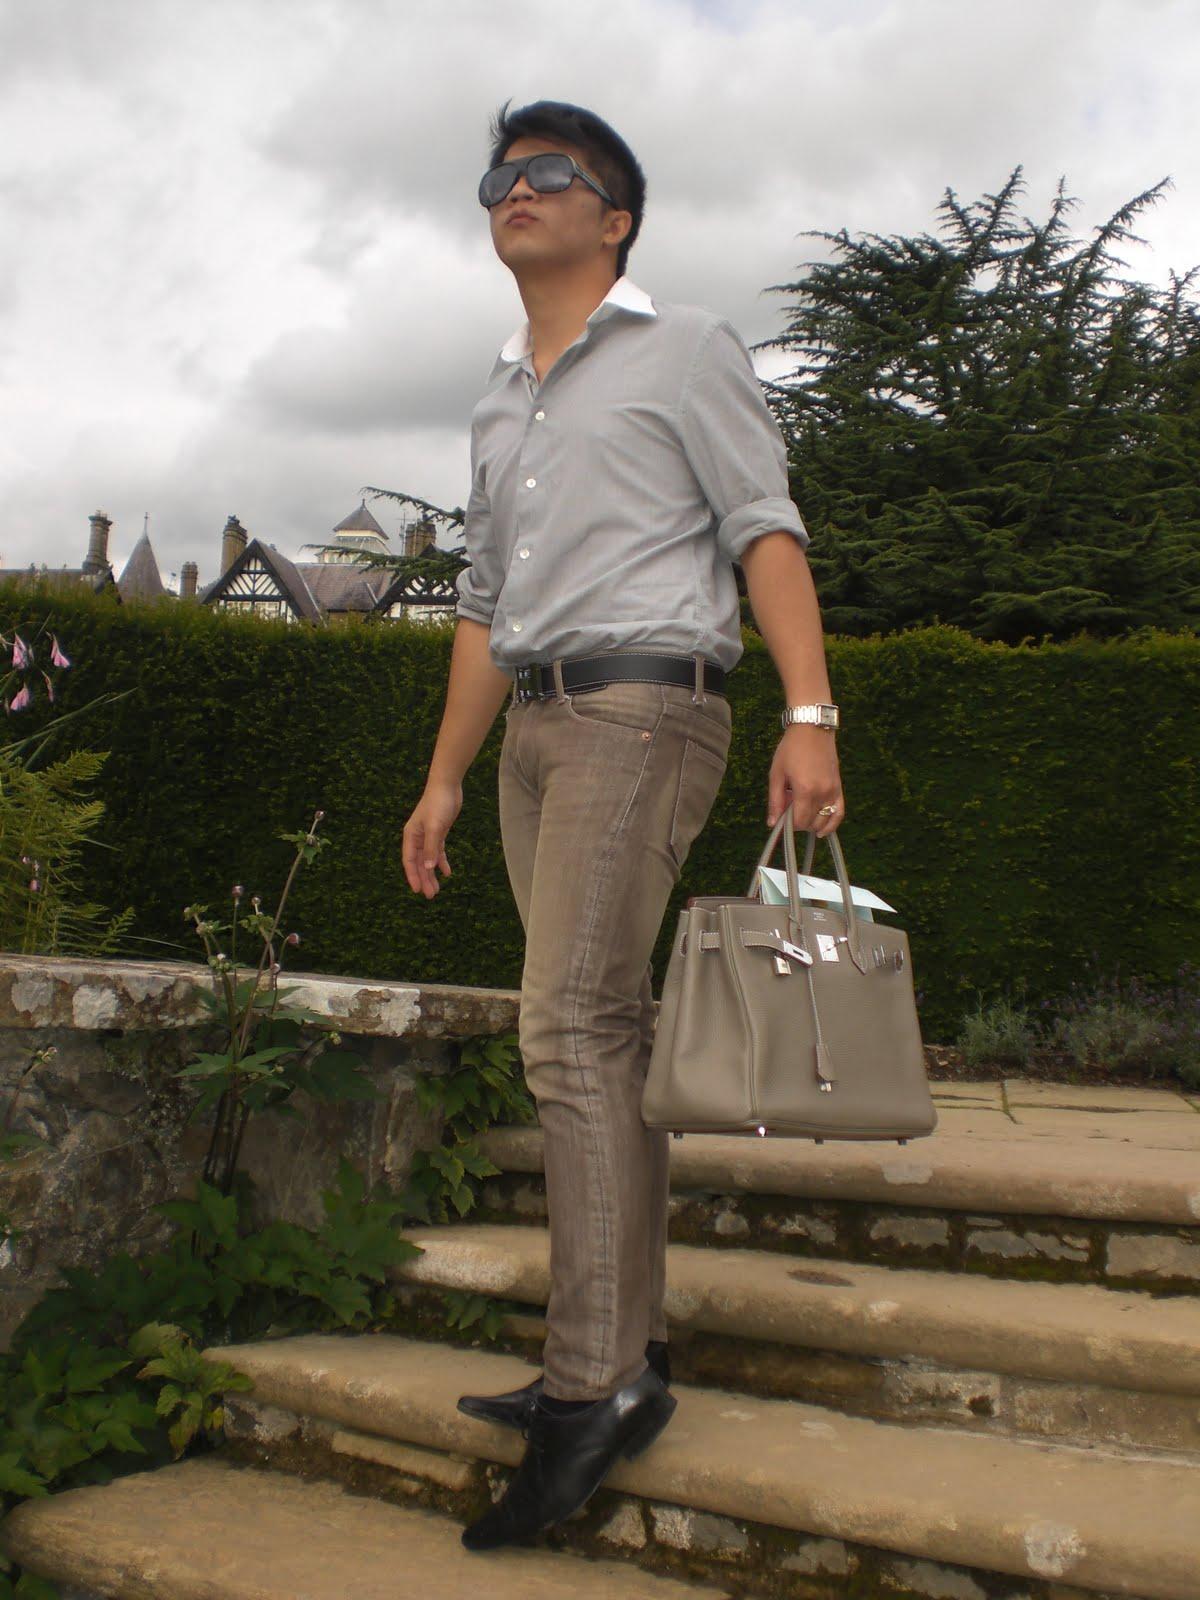 http://4.bp.blogspot.com/_Skemce9ZP0Q/TFSUsNlF0hI/AAAAAAAAC3Q/TA-Pwqo4cwU/s1600/Hermes%2BBirkin.JPG